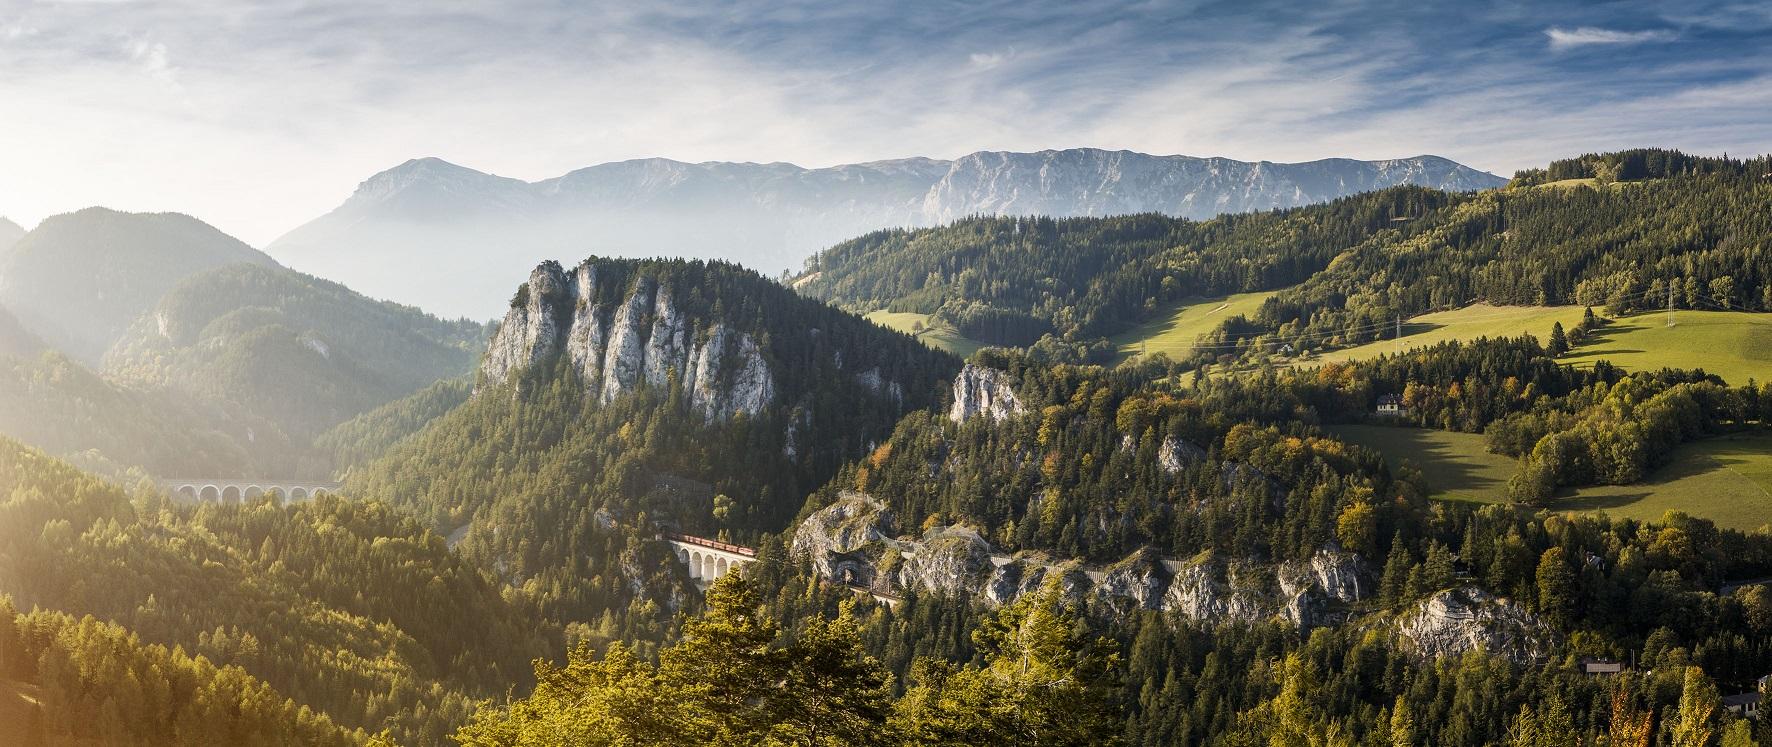 Ursprung des Wiener Wassers - Schneeberg und Rax